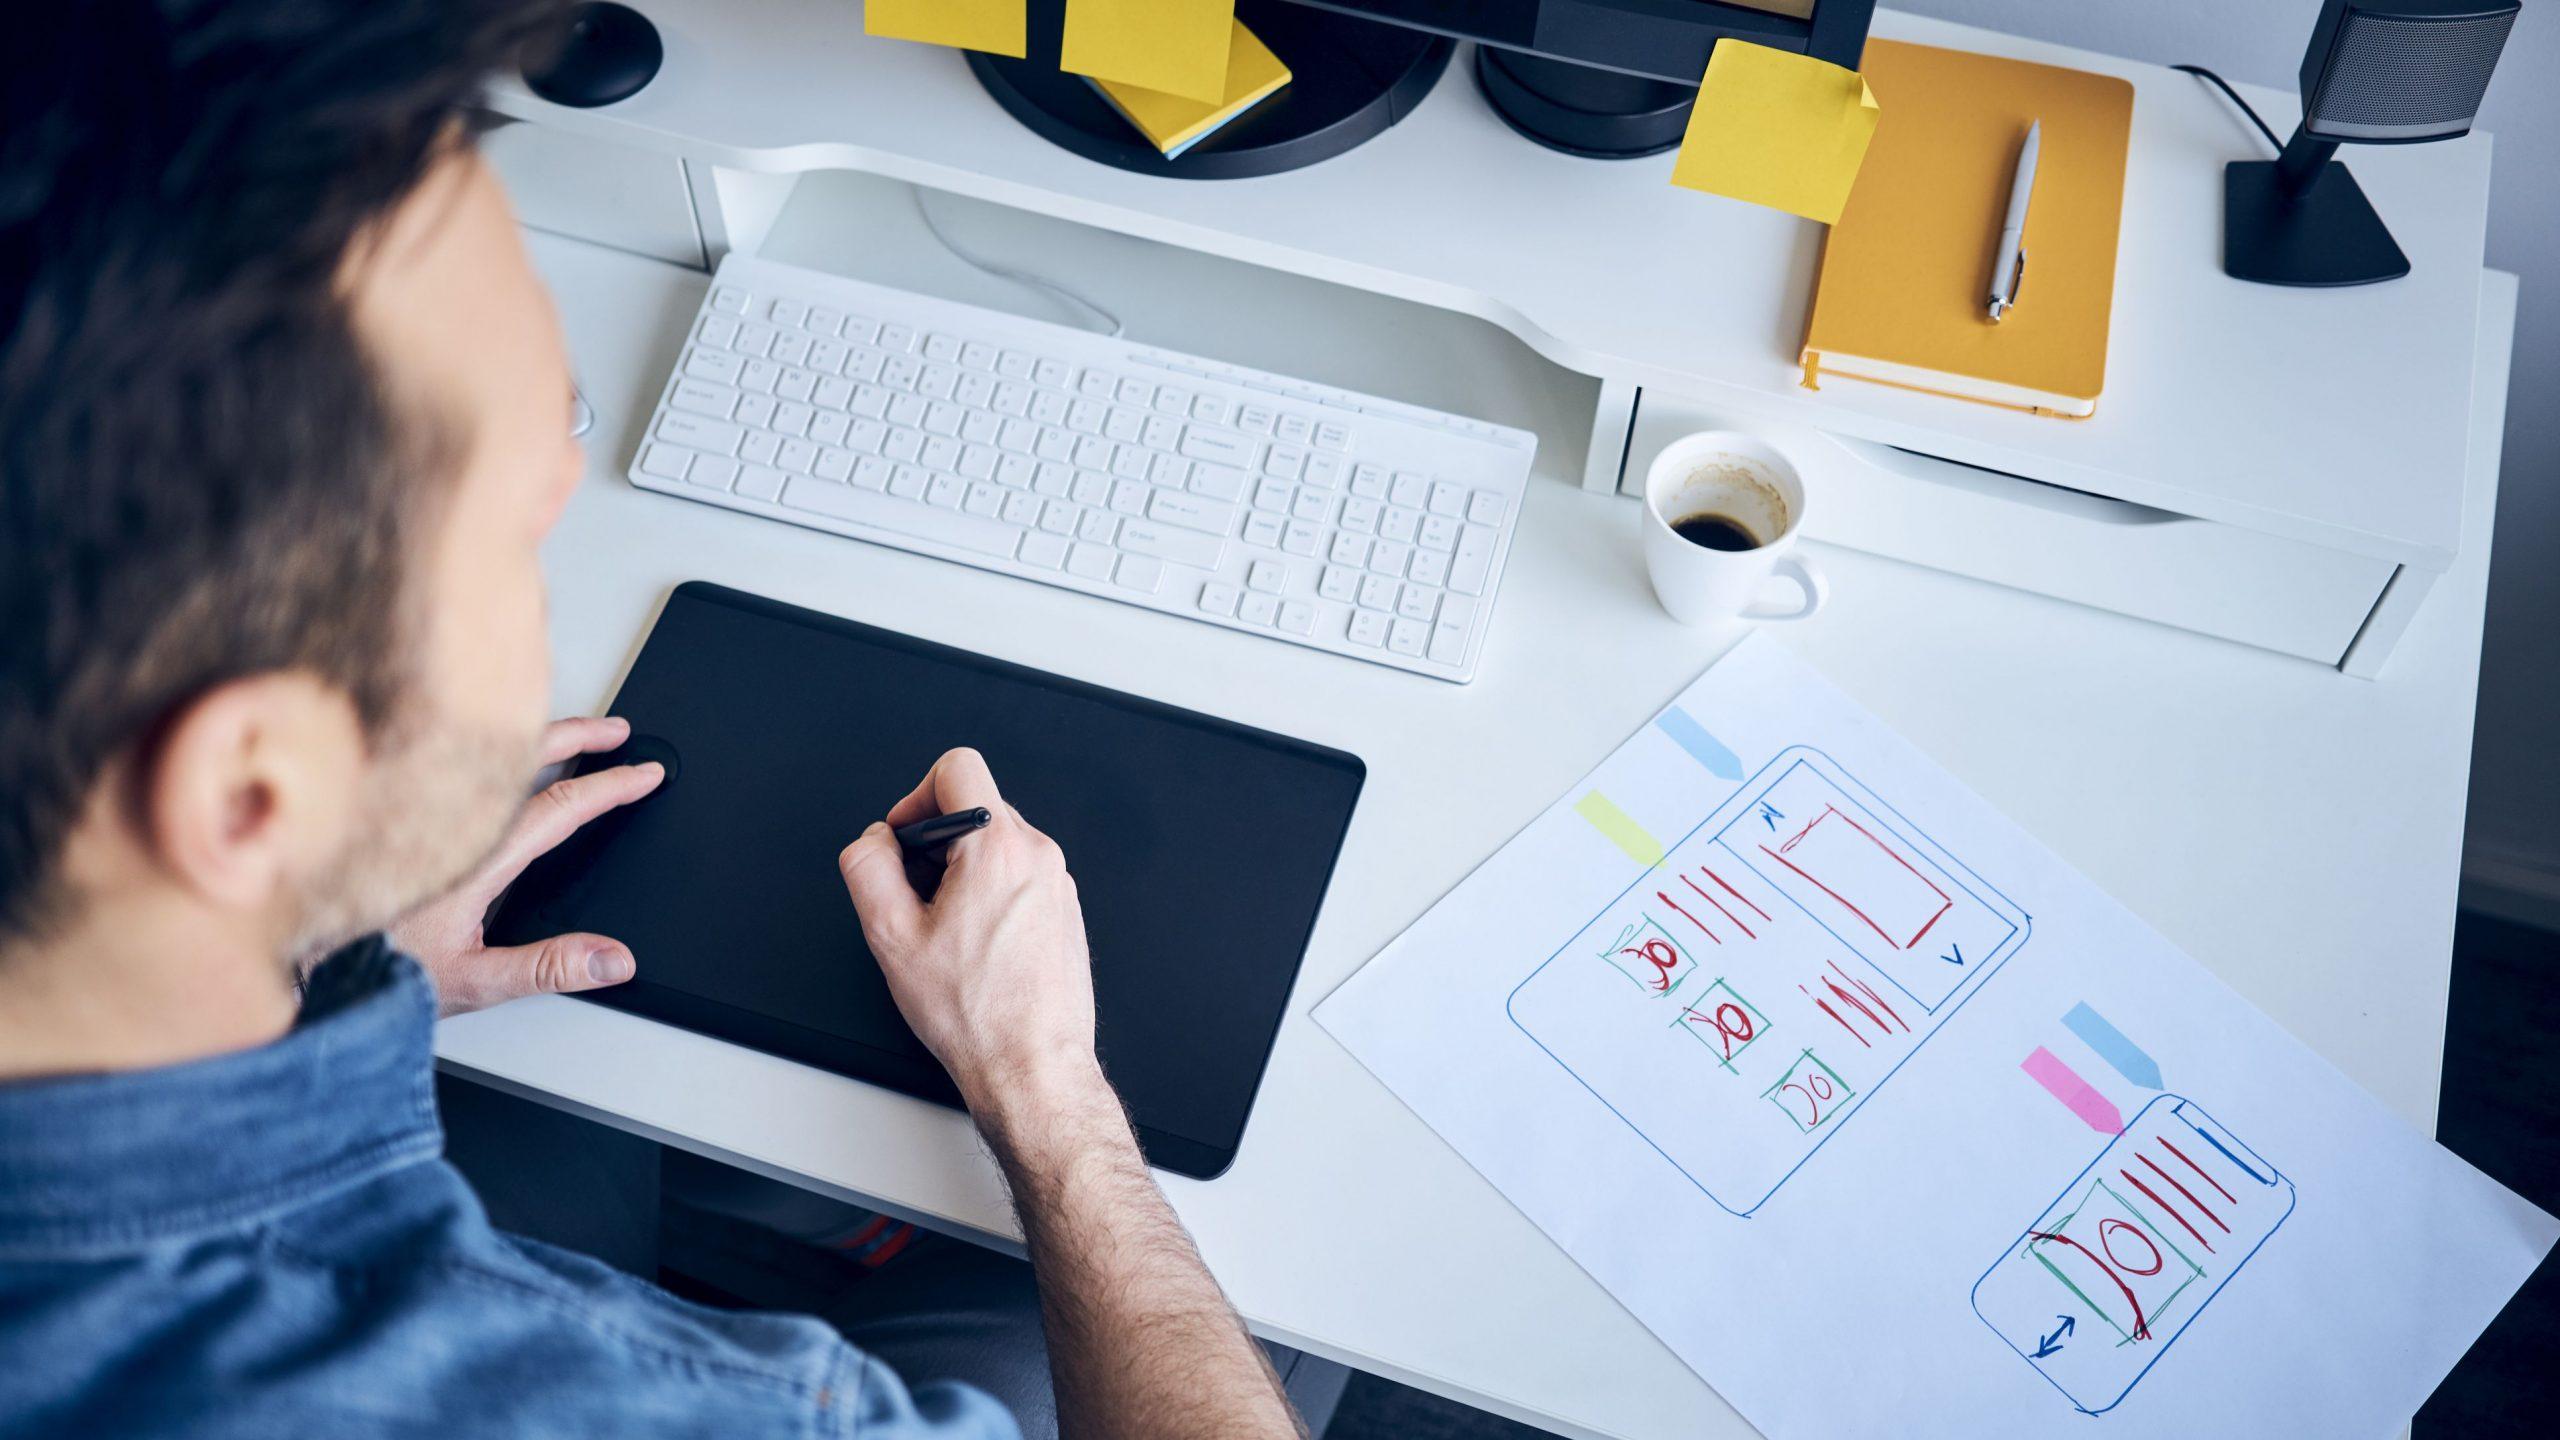 طراح سایت کیست ؟! اگر قصد طراحی سایت دارید حتما مطالعه کنید